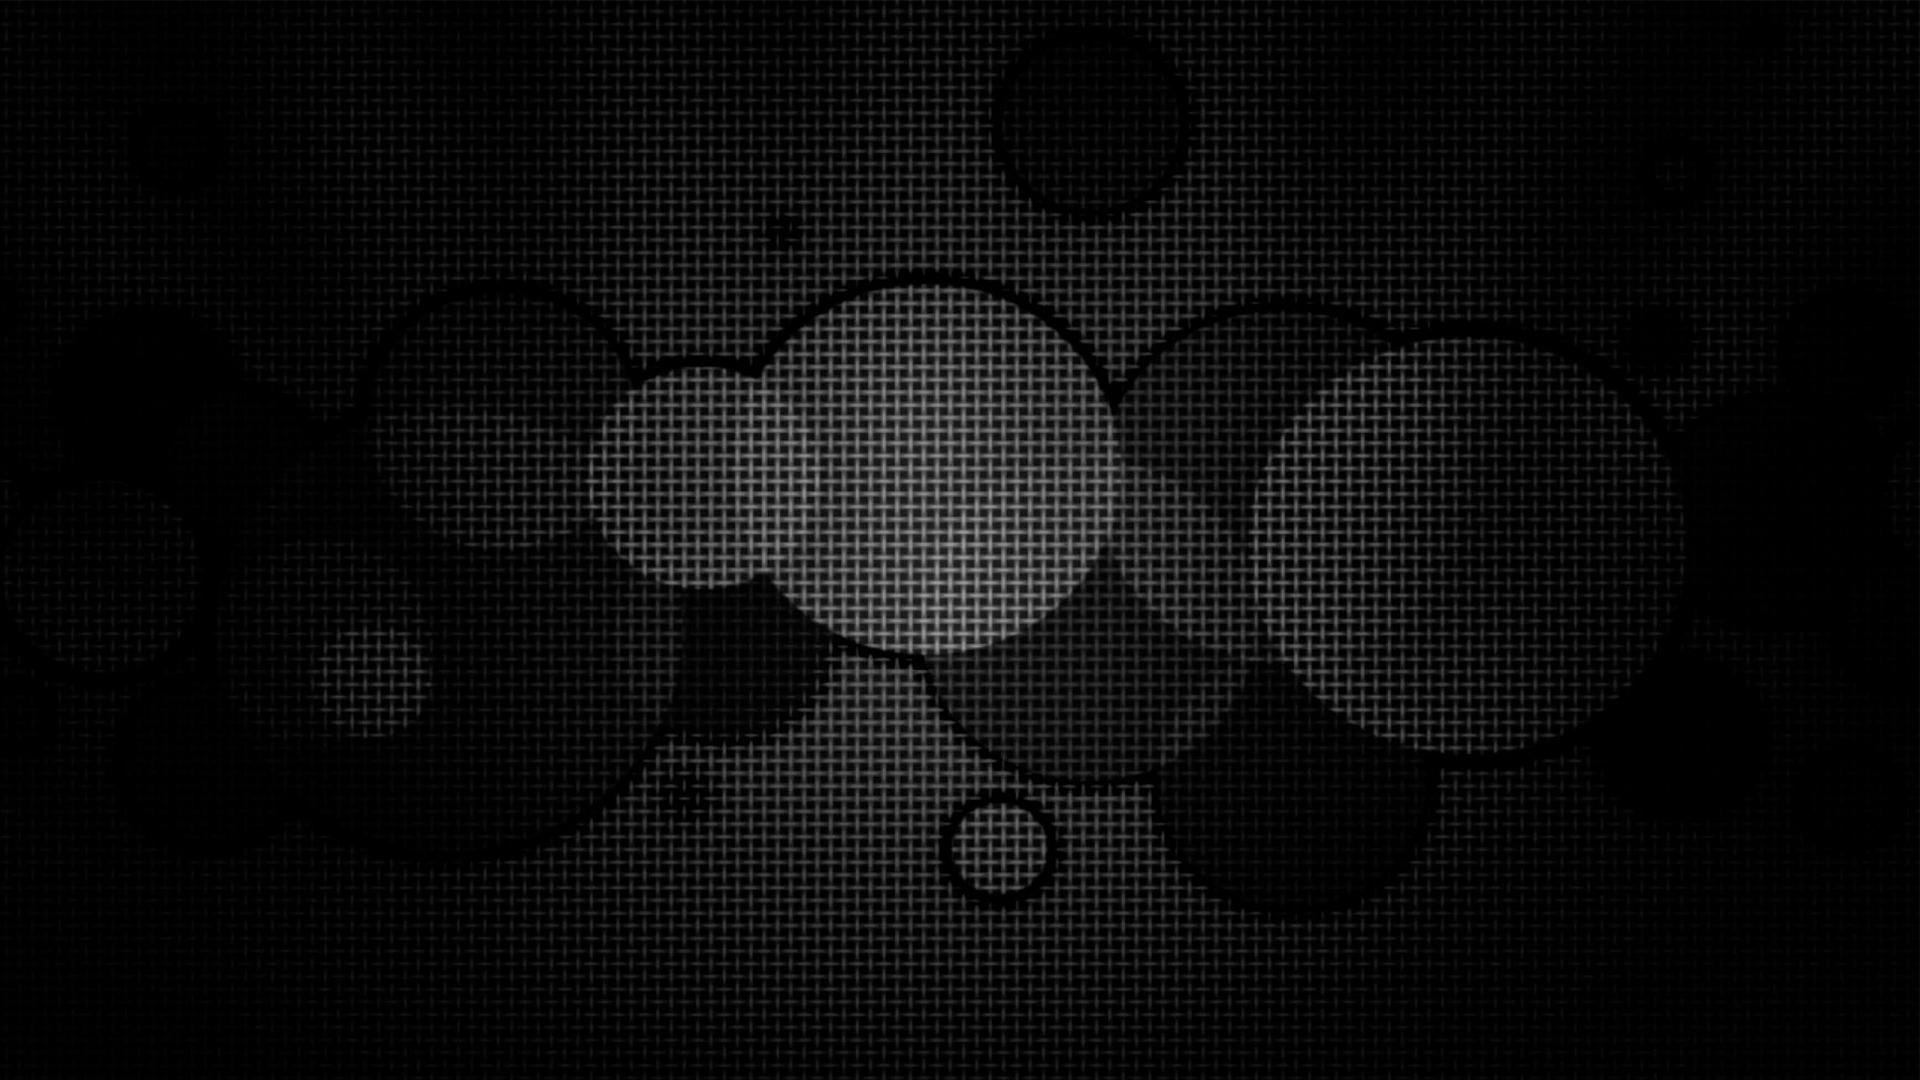 Iconic Black Dots Windows 10 Wallpaper Dark Hd 1920x1080